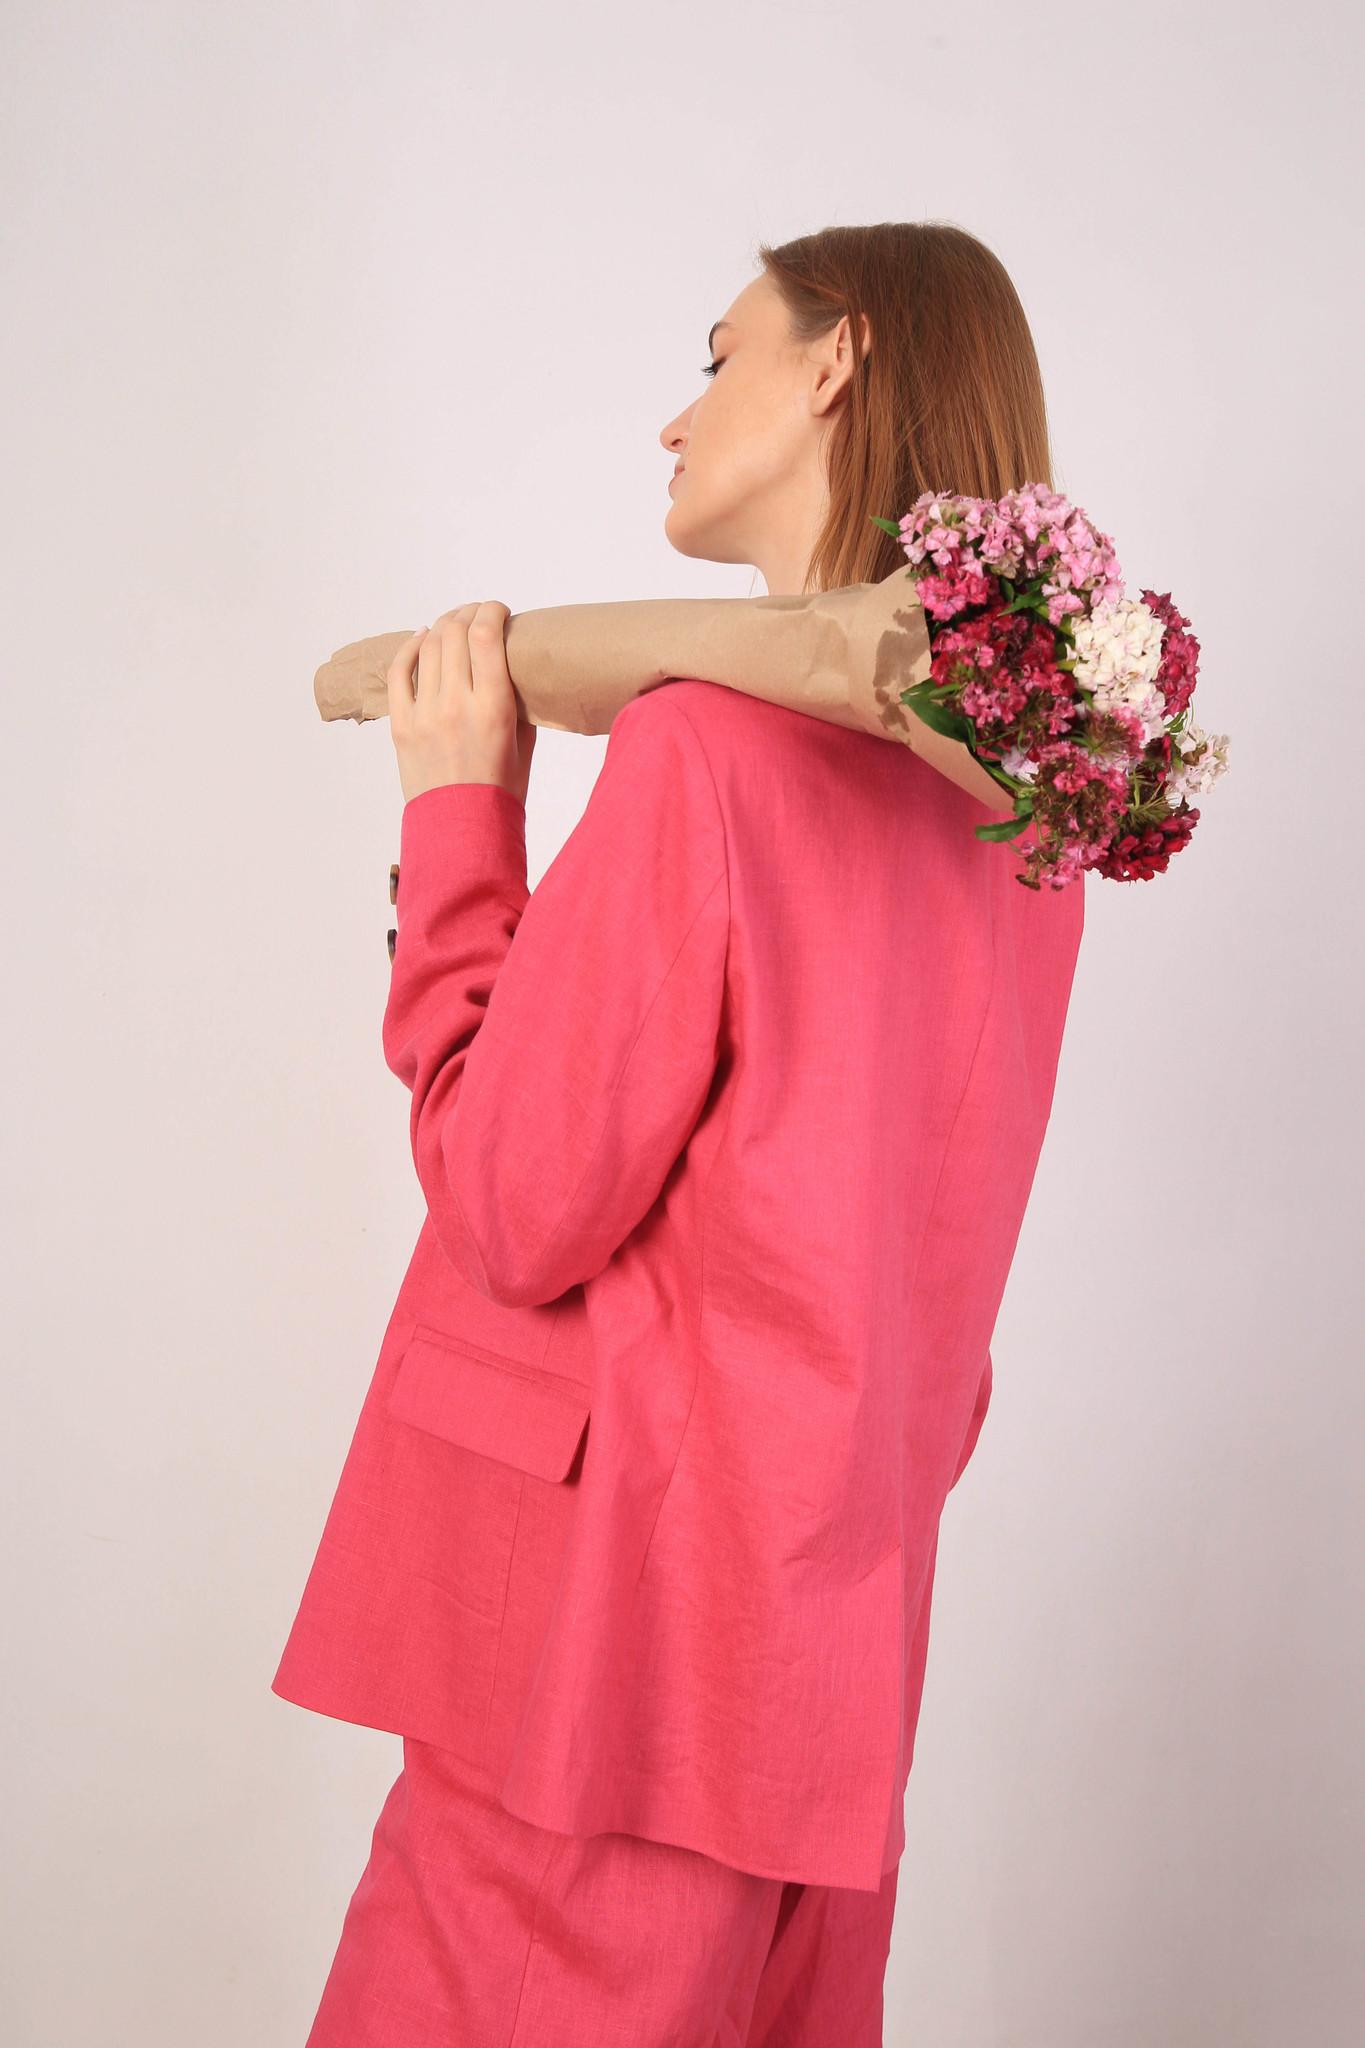 Костюм из 100% льна в цвете фуксия